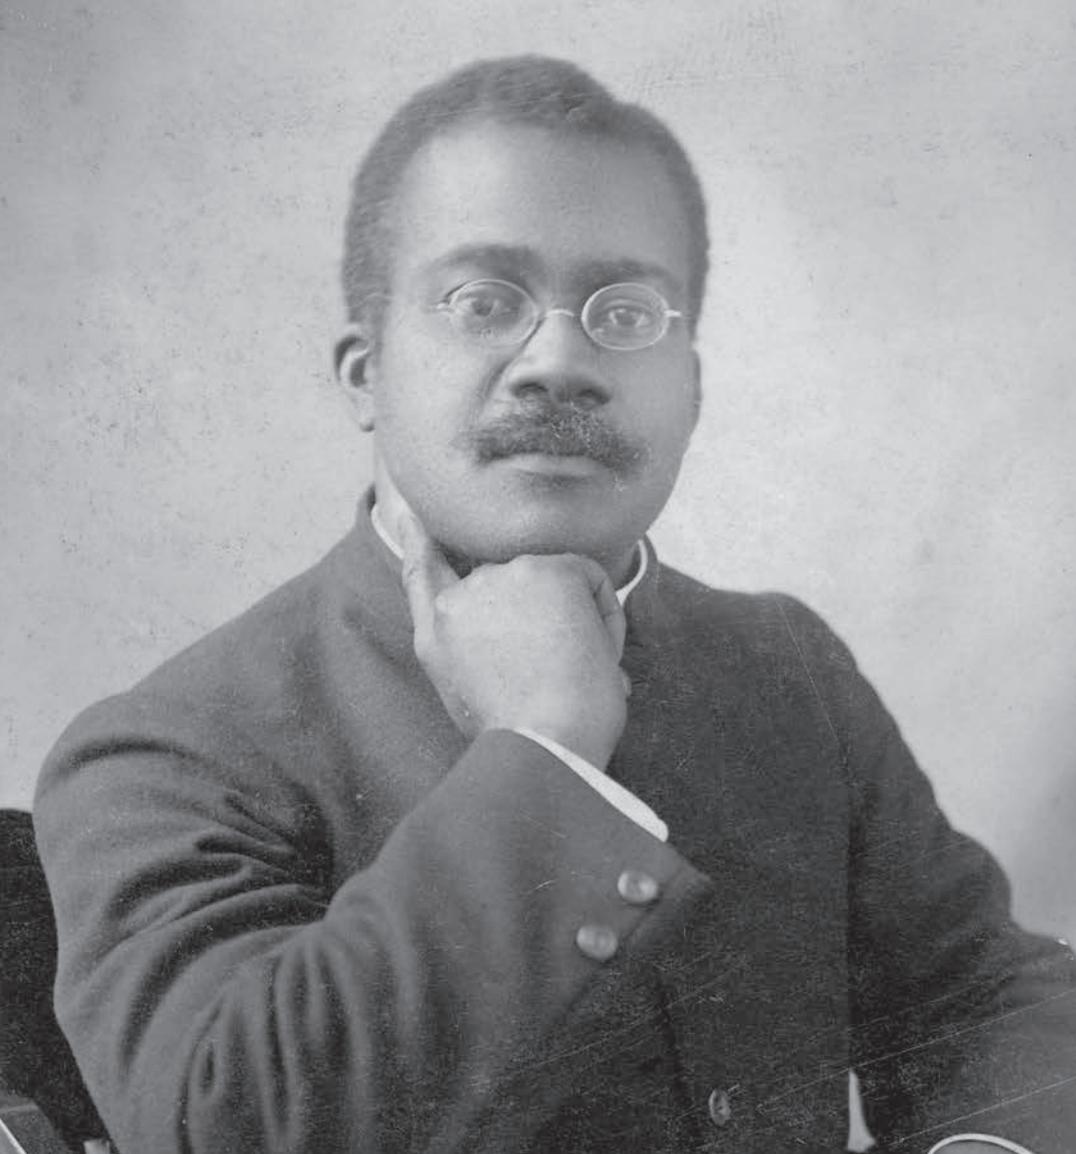 Rev. Russel Taylor (1871-1933) circa 1900.